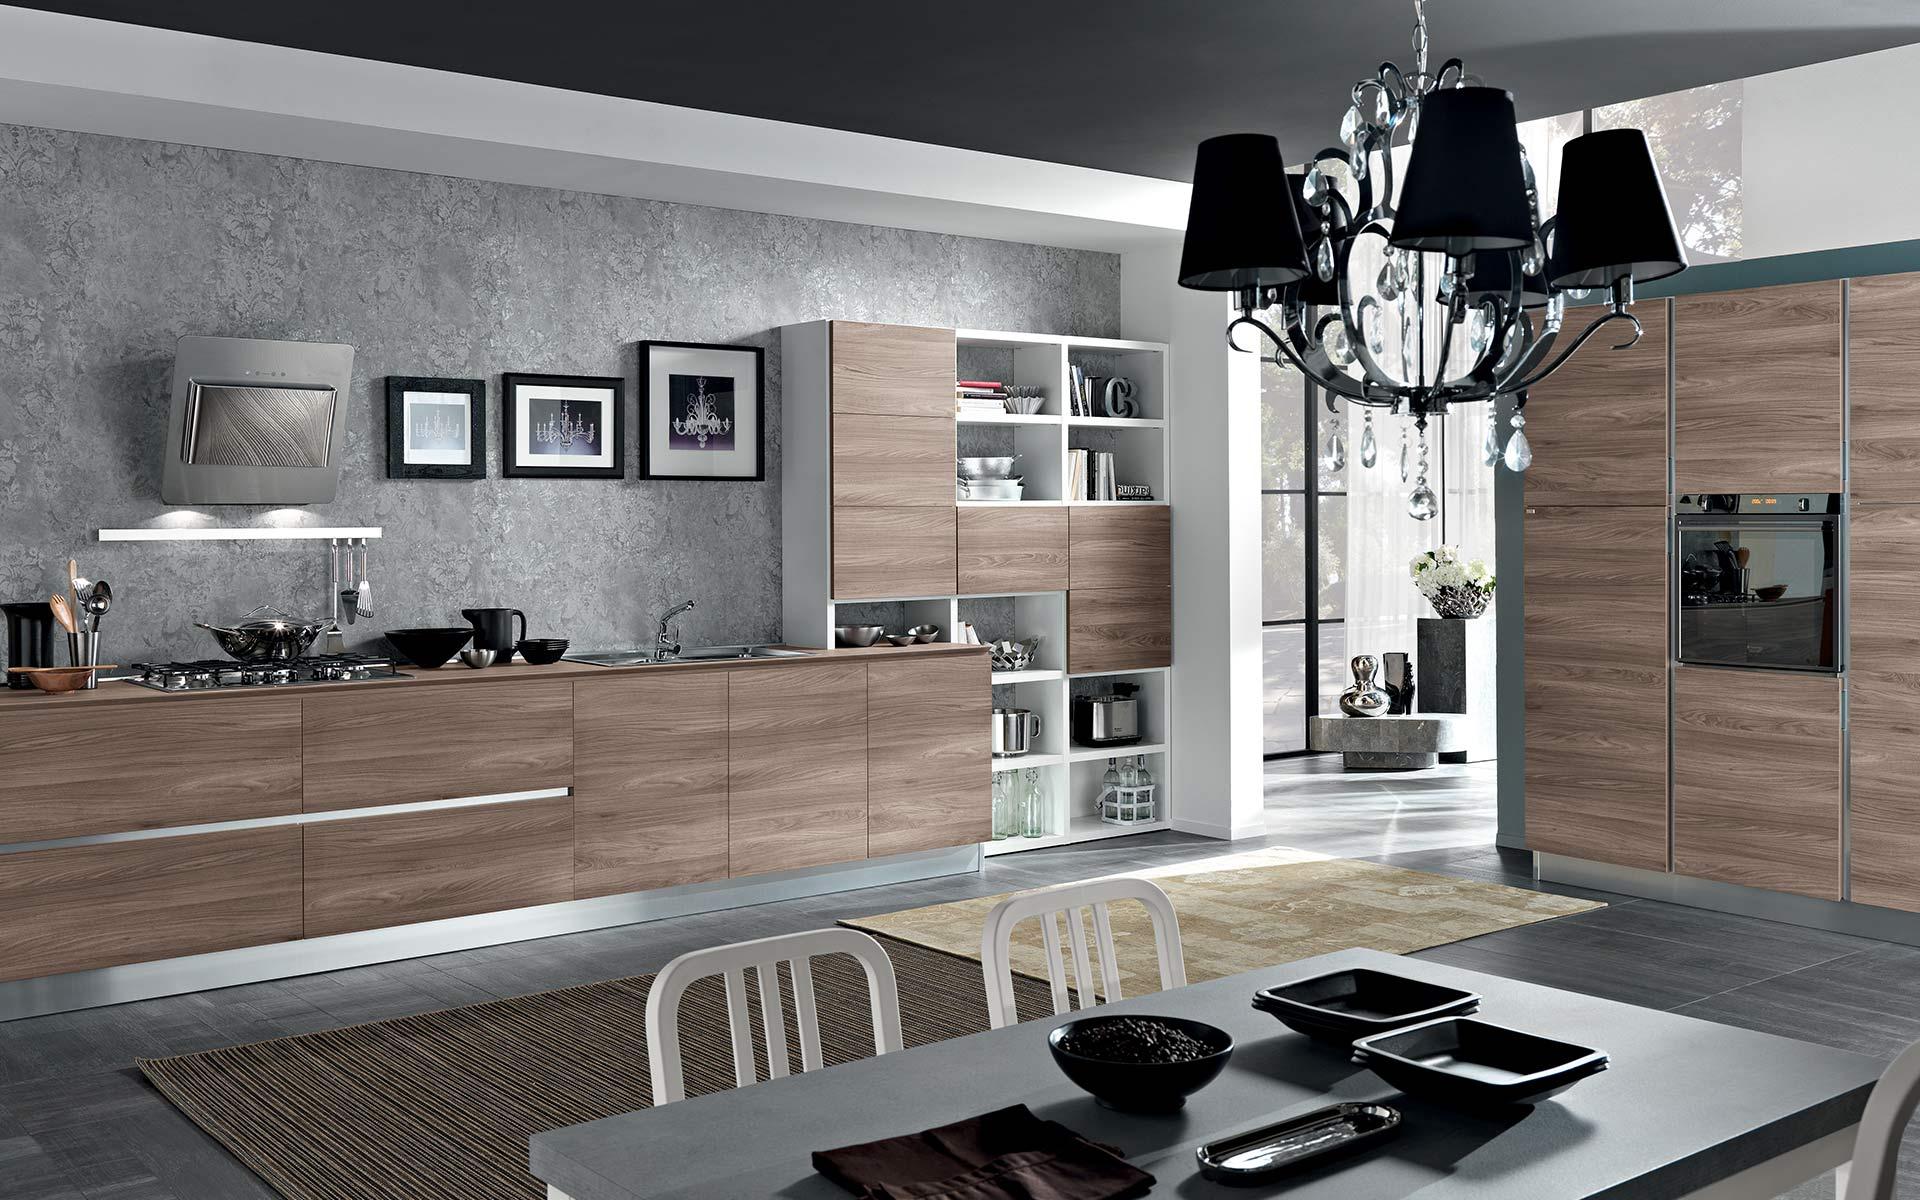 cucina moderna pratica ed elegante per una vita contemporanea